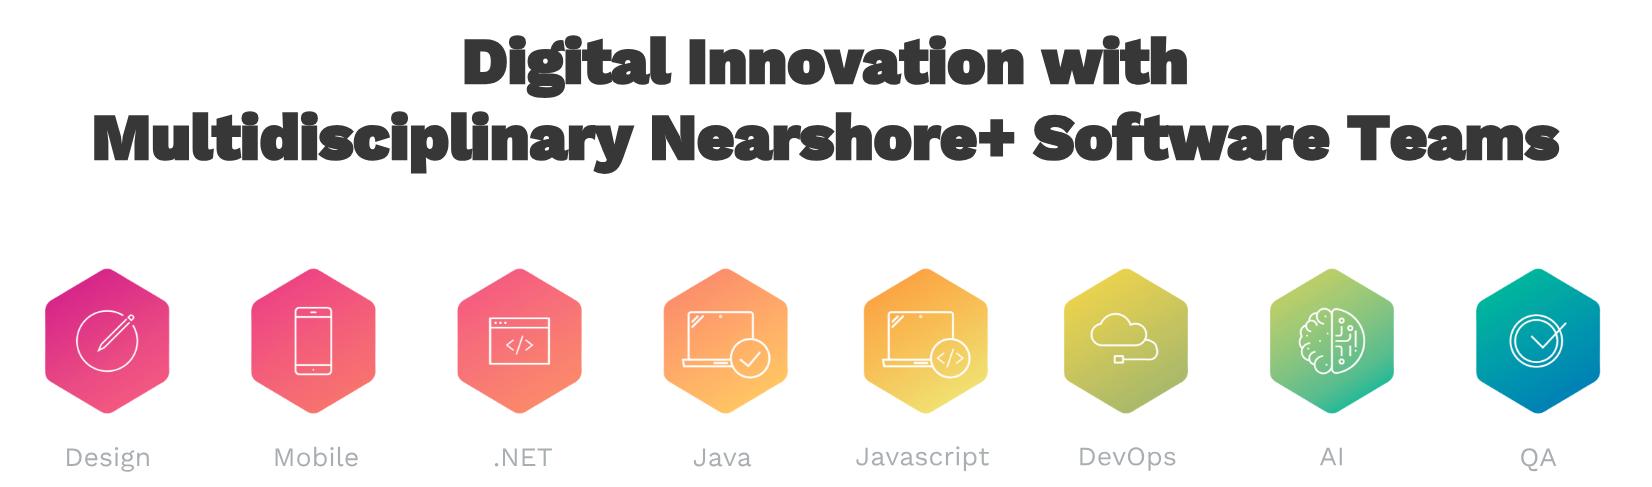 Digital Innovation with Multidisciplinary Nearshore+ Software Teams